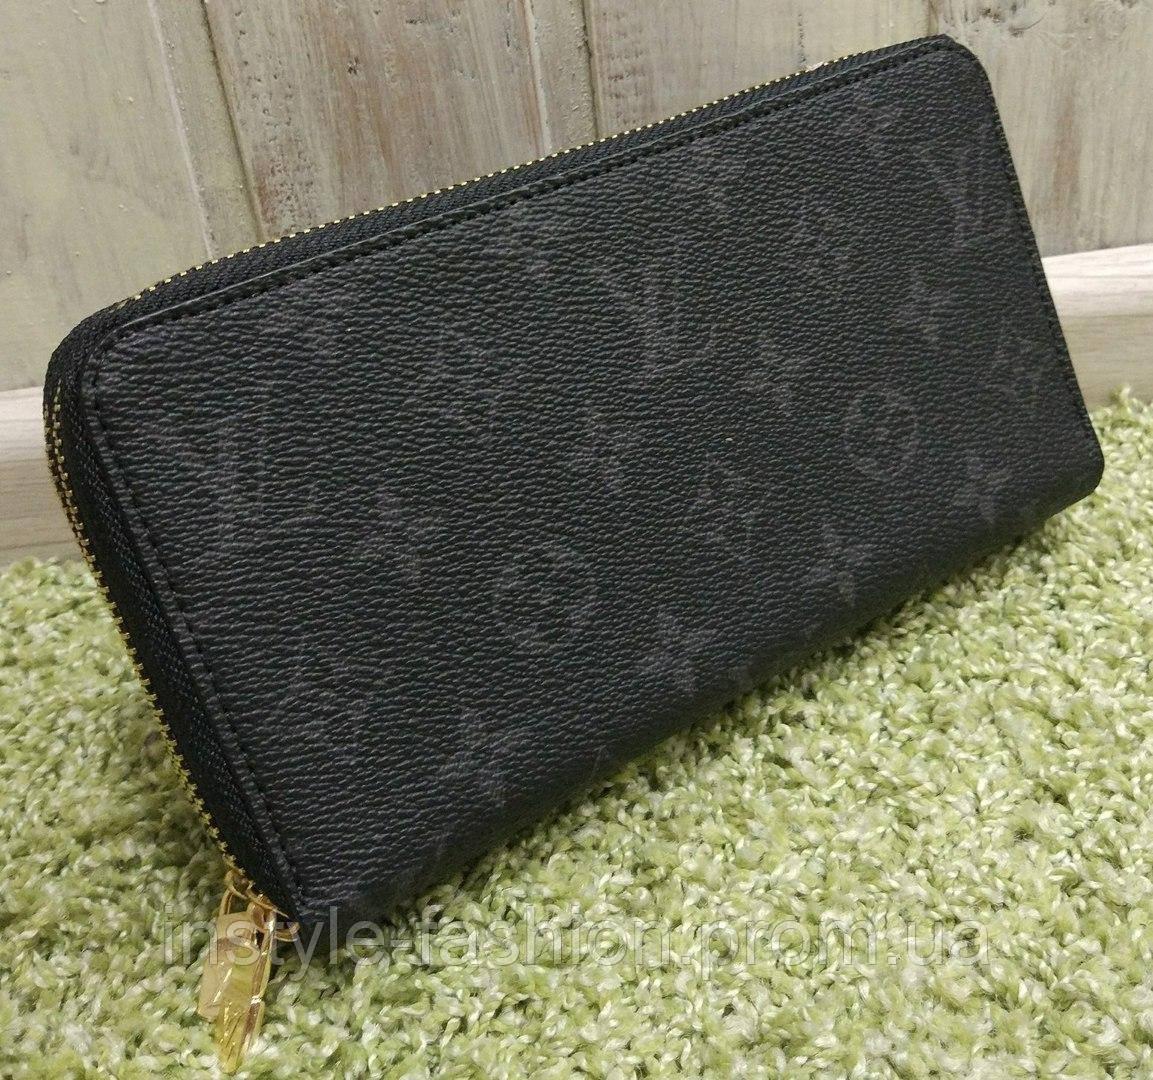 Кошелек женский брендовый Louis Vuitton Луи Виттон на две змейки черный